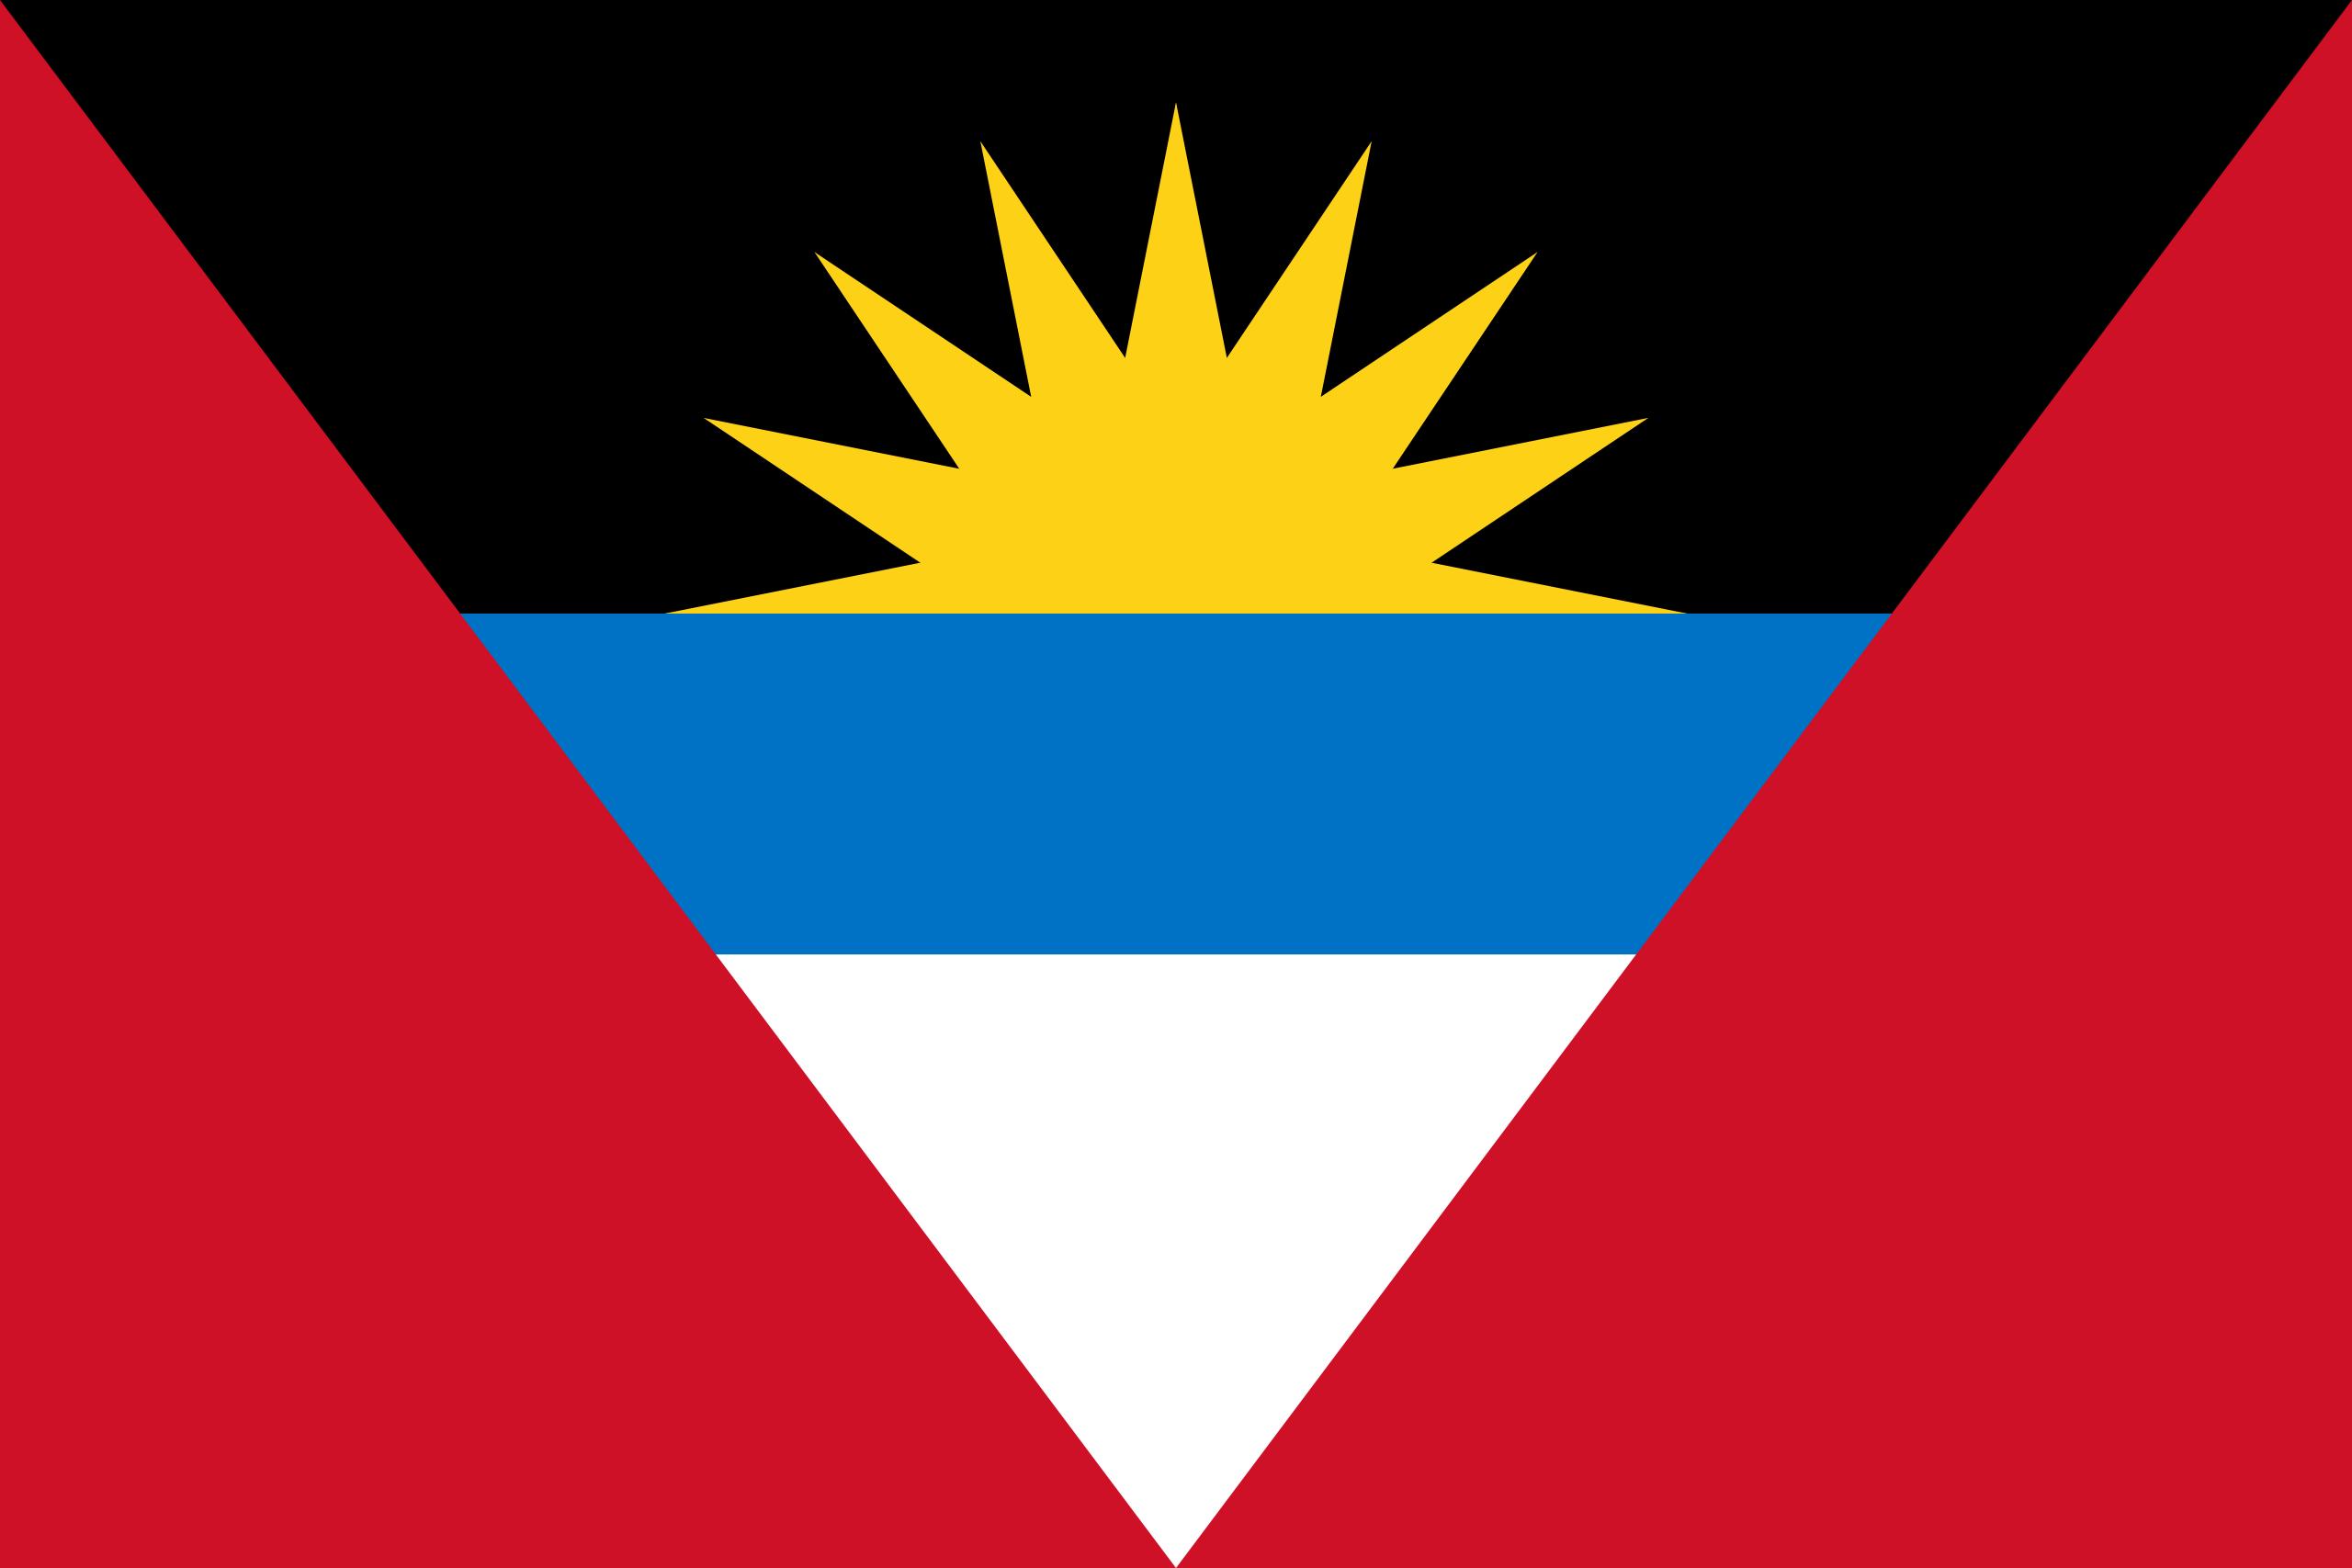 Antígua e barbuda, país, Brasão de armas, logotipo, símbolo - Papéis de parede HD - Professor-falken.com